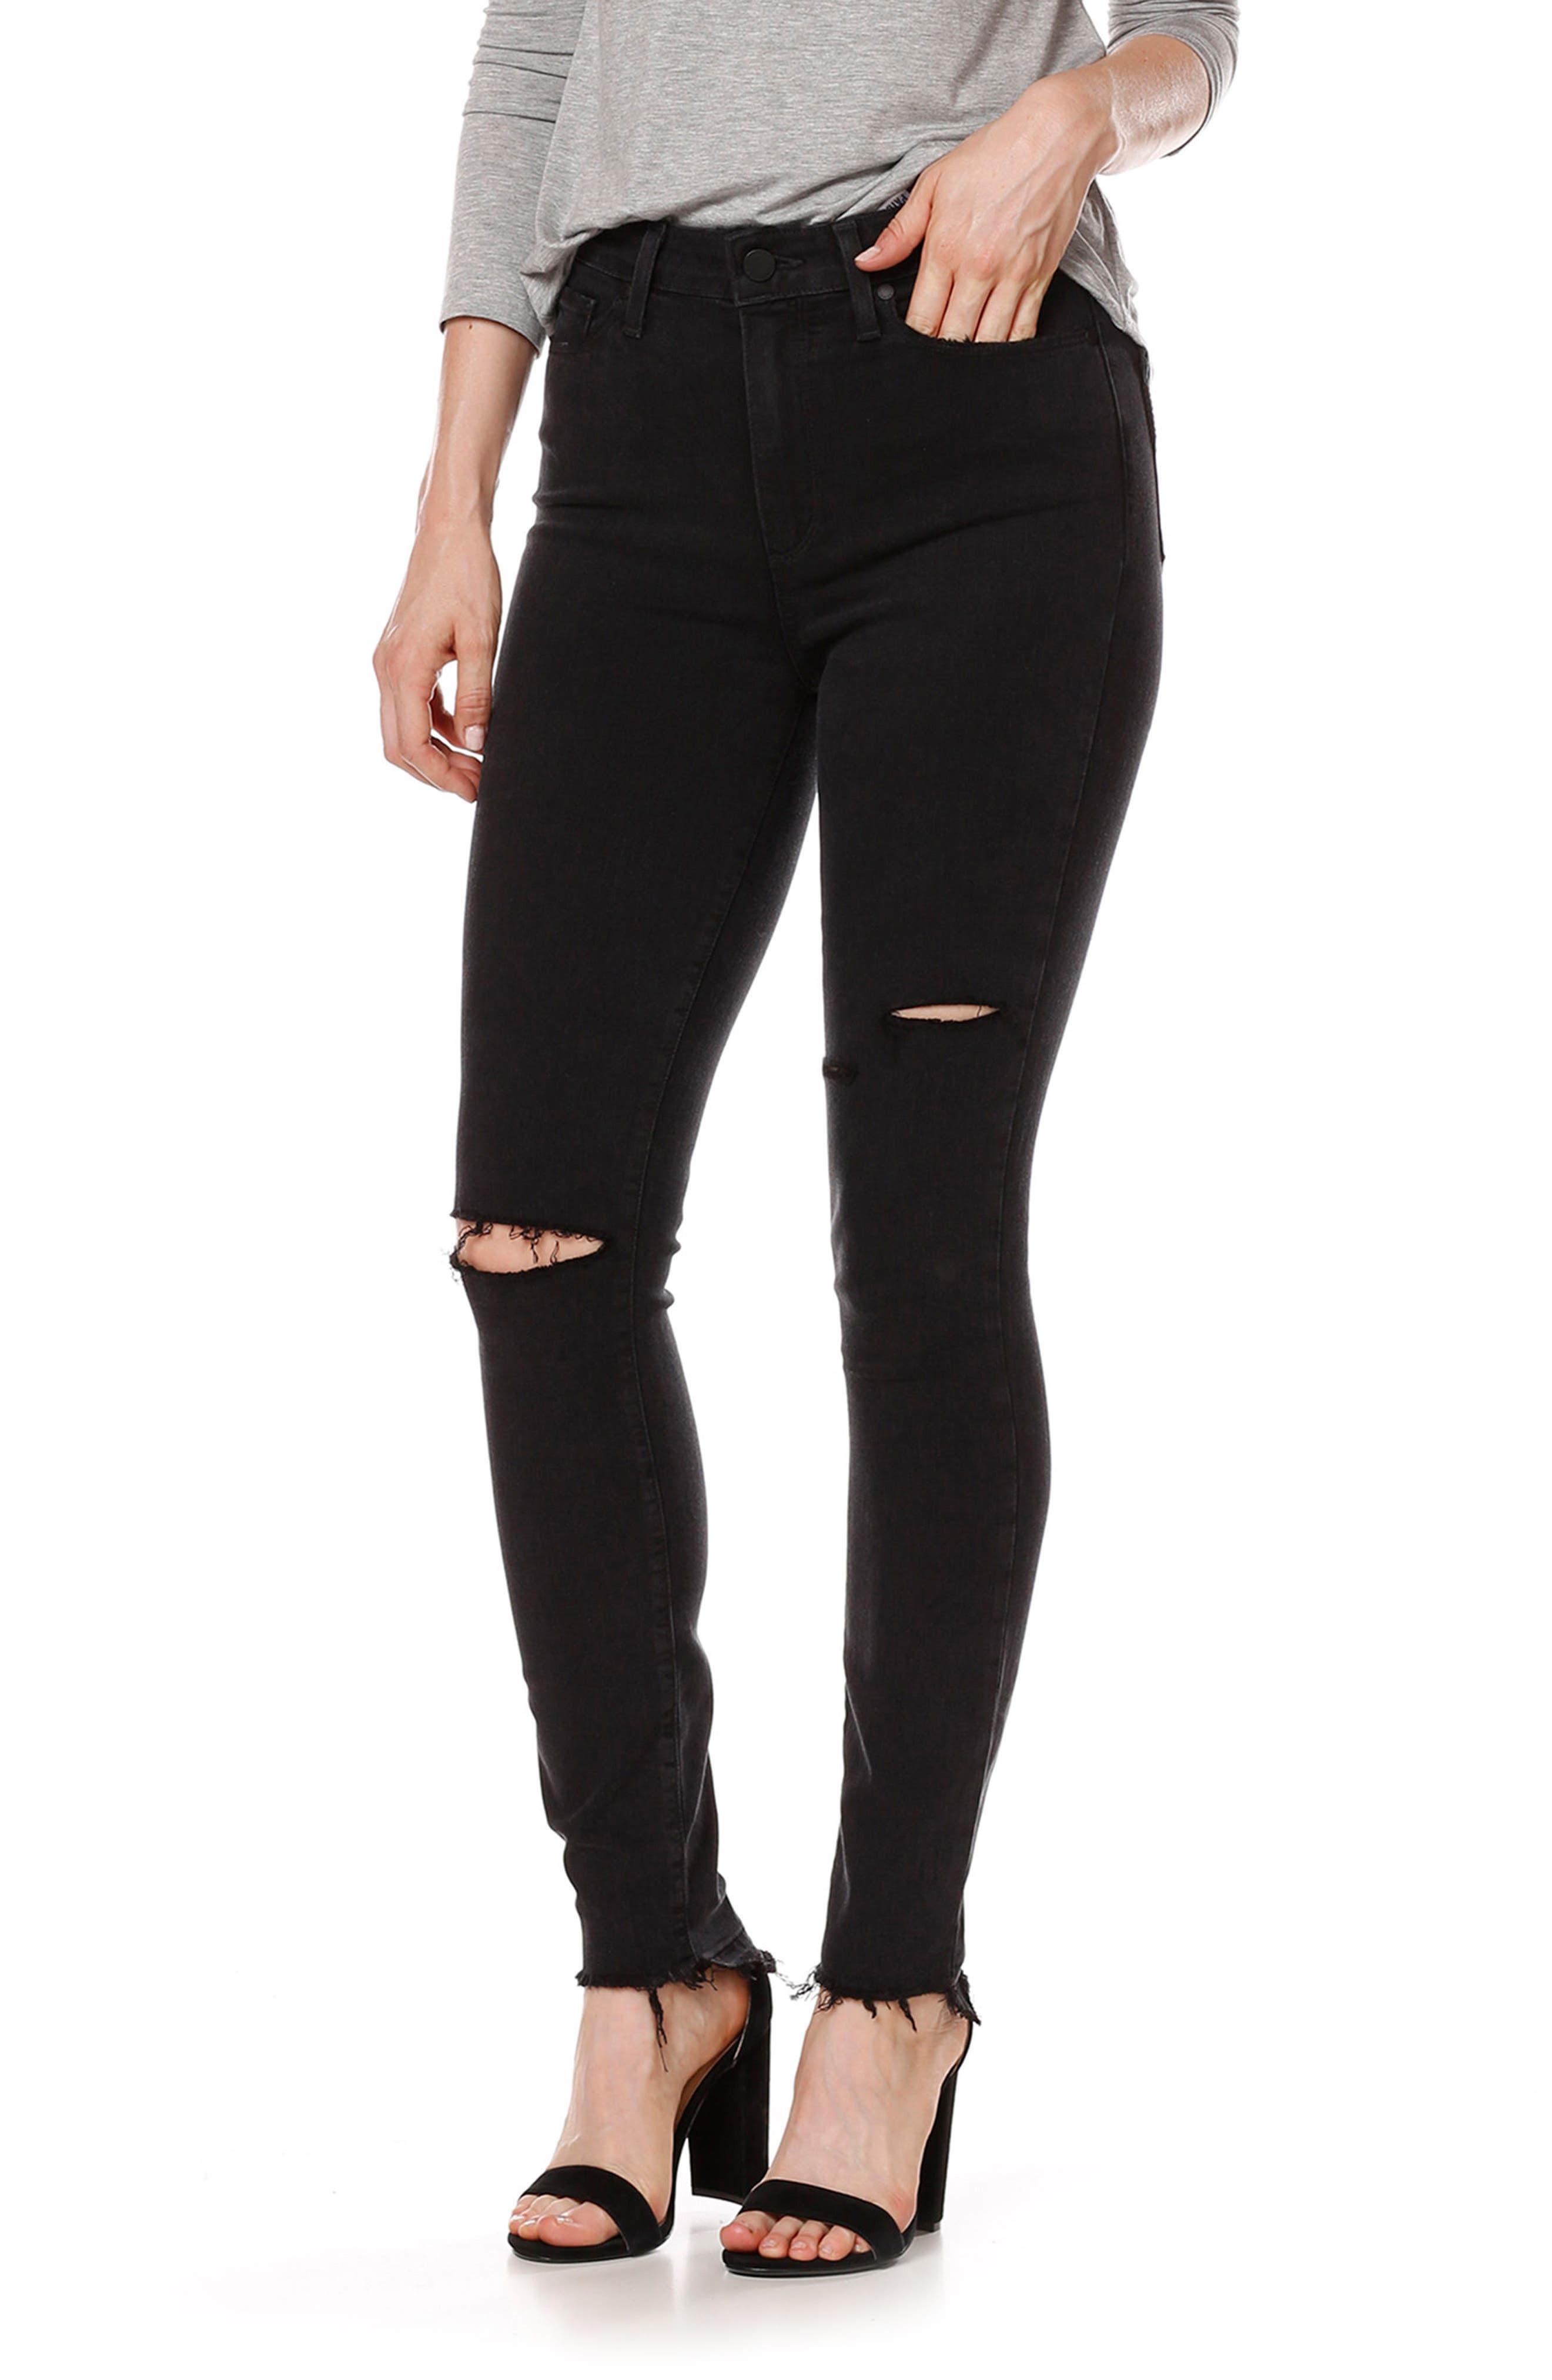 Alternate Image 1 Selected - PAIGE Transcend - Margot High Waist Ankle Skinny Jeans (Black Sky Destructed)